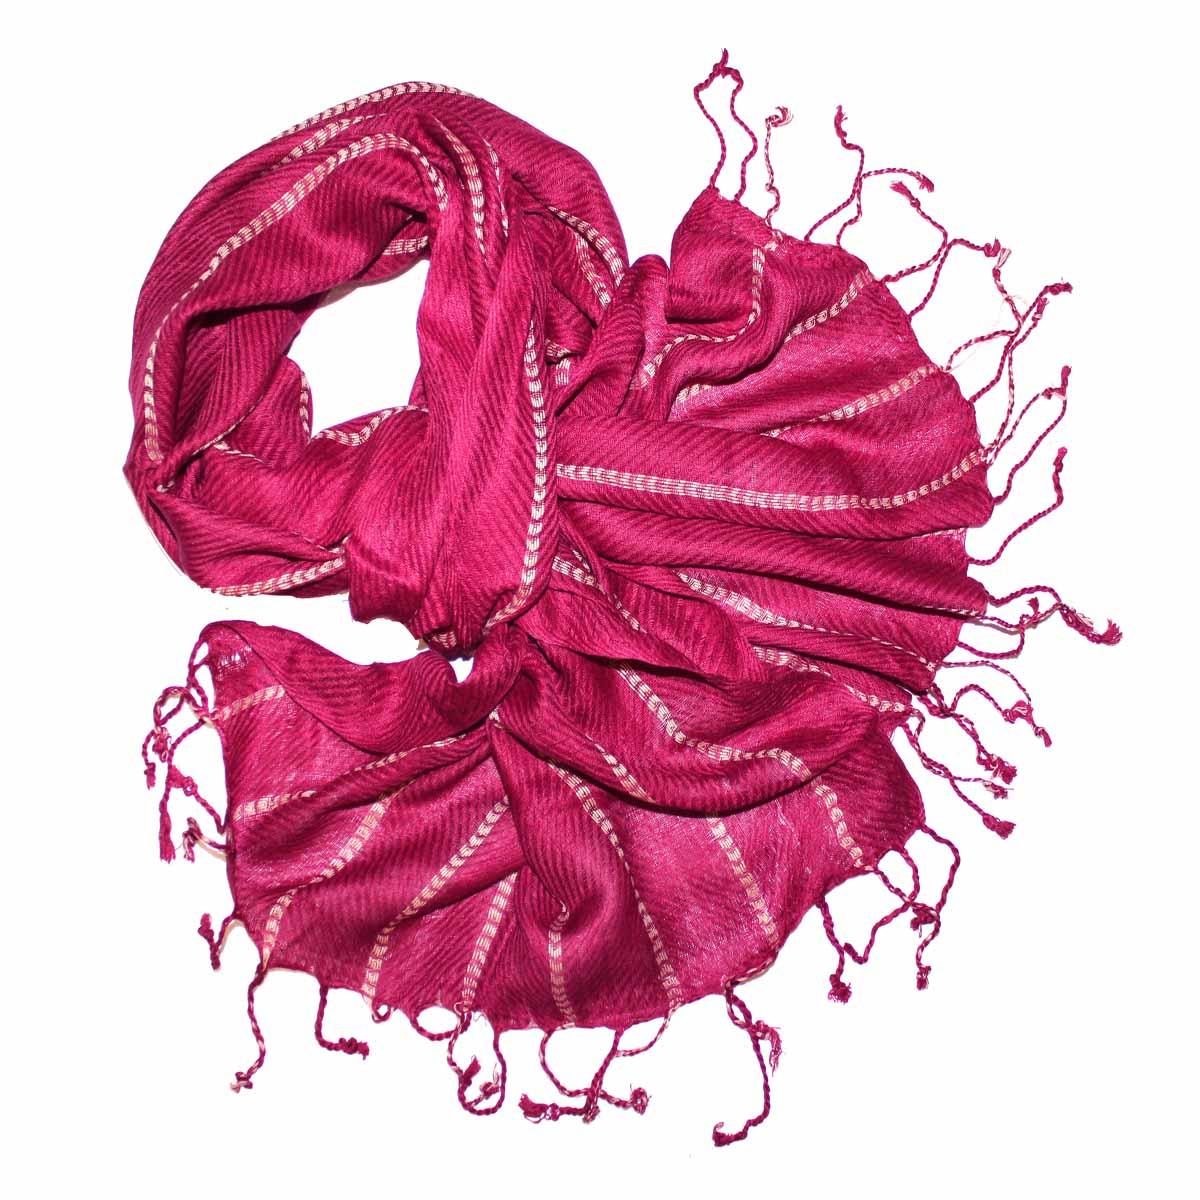 Шарф241065Элегантный шарф из вискозы станет изысканным нарядным аксессуаром, который призван подчеркнуть индивидуальность и очарование женщины. Шарф по краям оформлен кистями. Этот модный аксессуар женского гардероба гармонично дополнит образ современной женщины, следящей за своим имиджем и стремящейся всегда оставаться стильной и элегантной. В этом шарфе вы всегда будете выглядеть женственной и привлекательной.